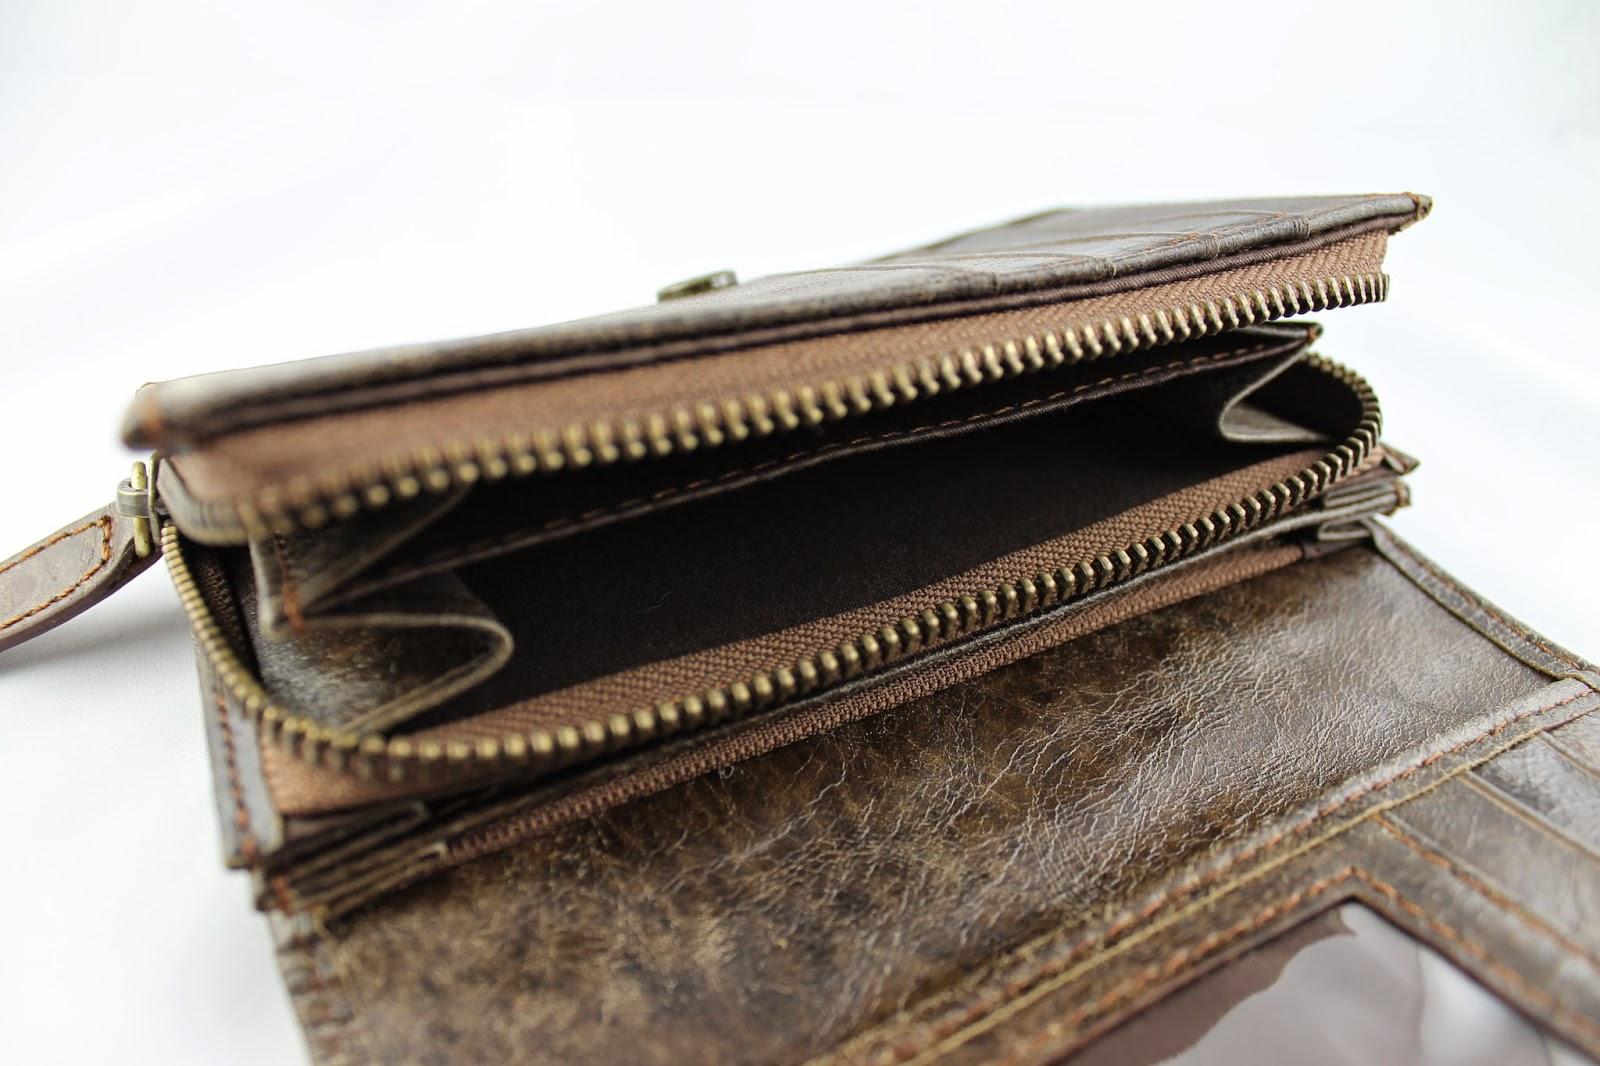 Herrenbekleidung & Zubehör Ehrlichkeit Männer Mini Spezialisiert Schlüssel Halter Aus Echtem Leder Brieftasche Münze Tasche Fashion Zipper Kurze Design Männlichen Geldbörse Marke Einfache Männer Geldbörse